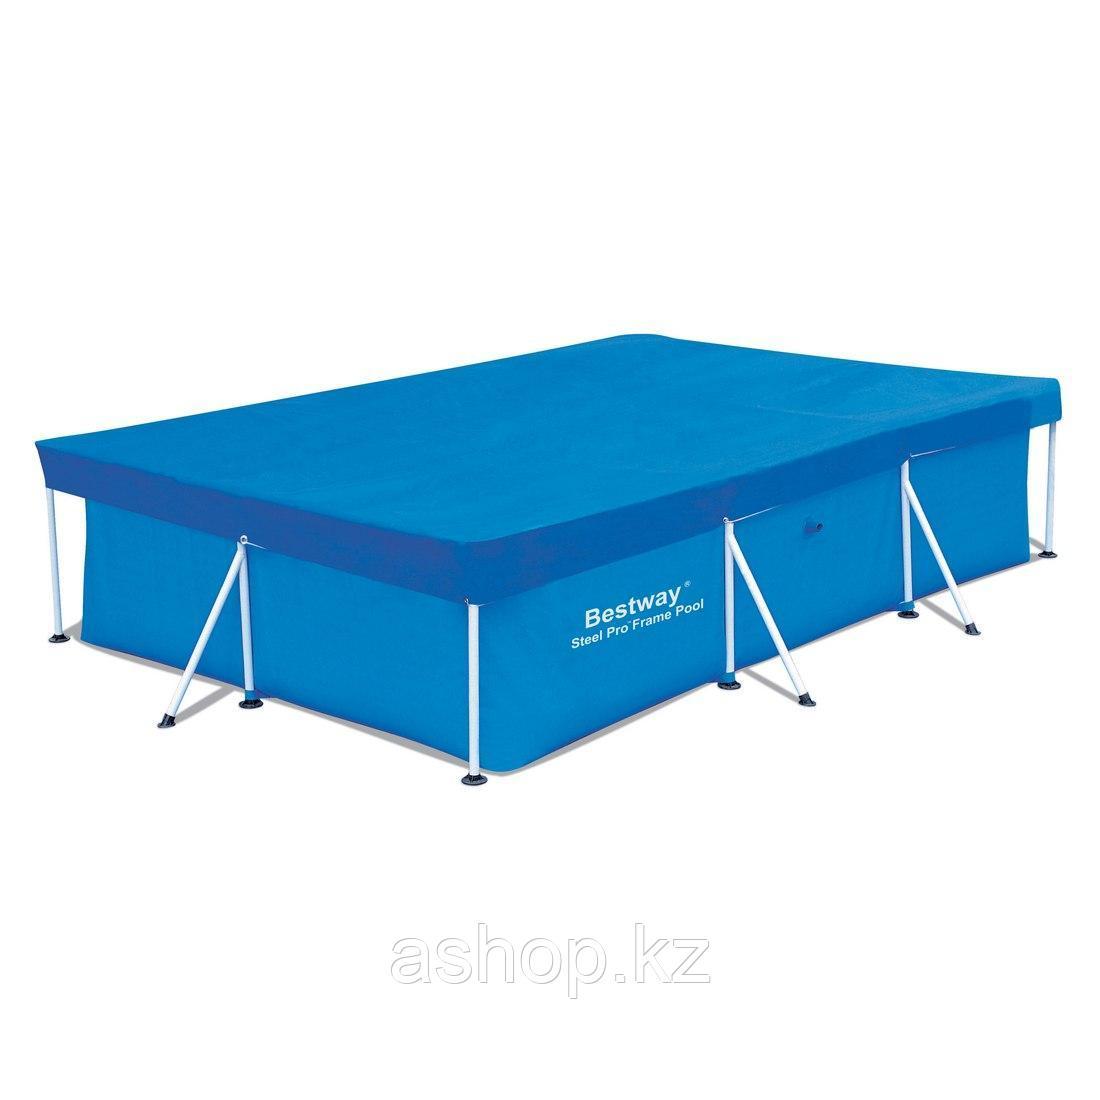 Тент для бассейна Bestway 58106,,, Полиэтилен, Цвет: Голубой